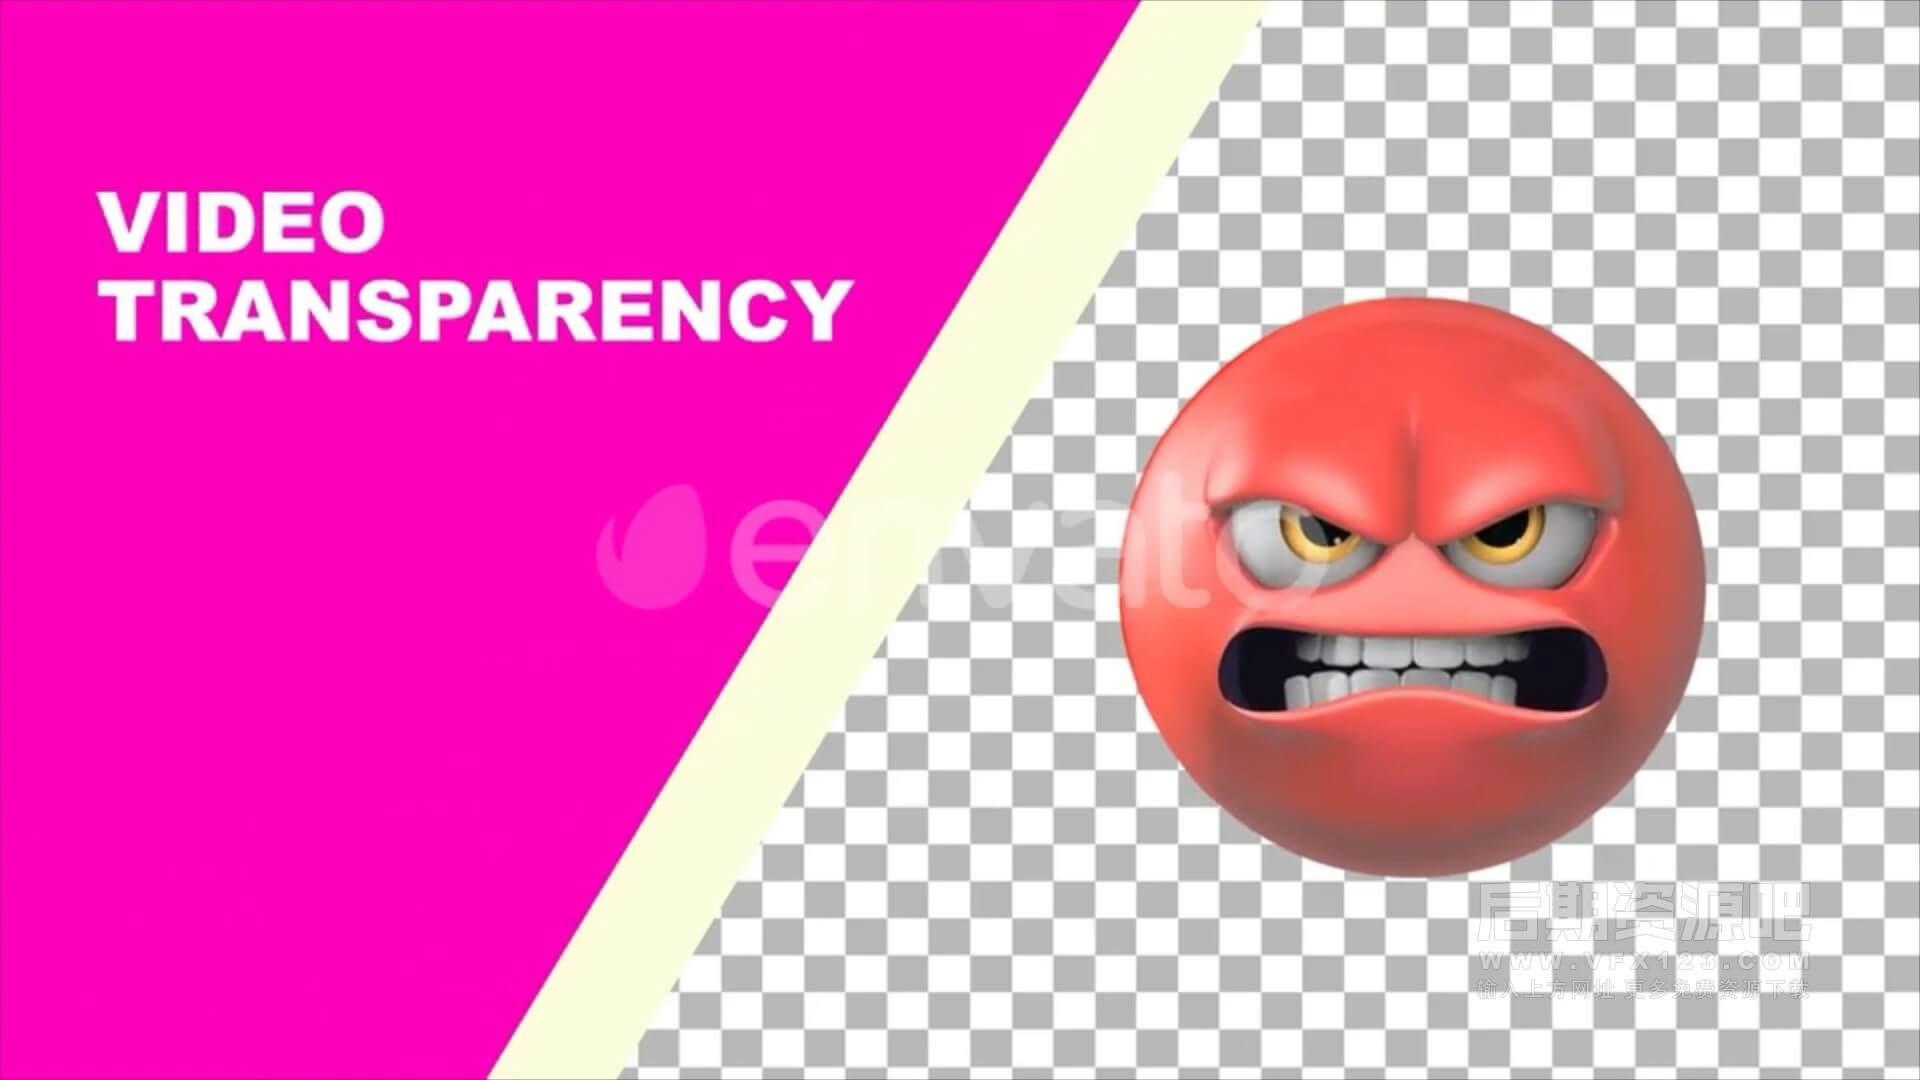 视频素材 100个3D卡通搞怪Emojis表情动画 带通道可循环 Classic And New Emojis